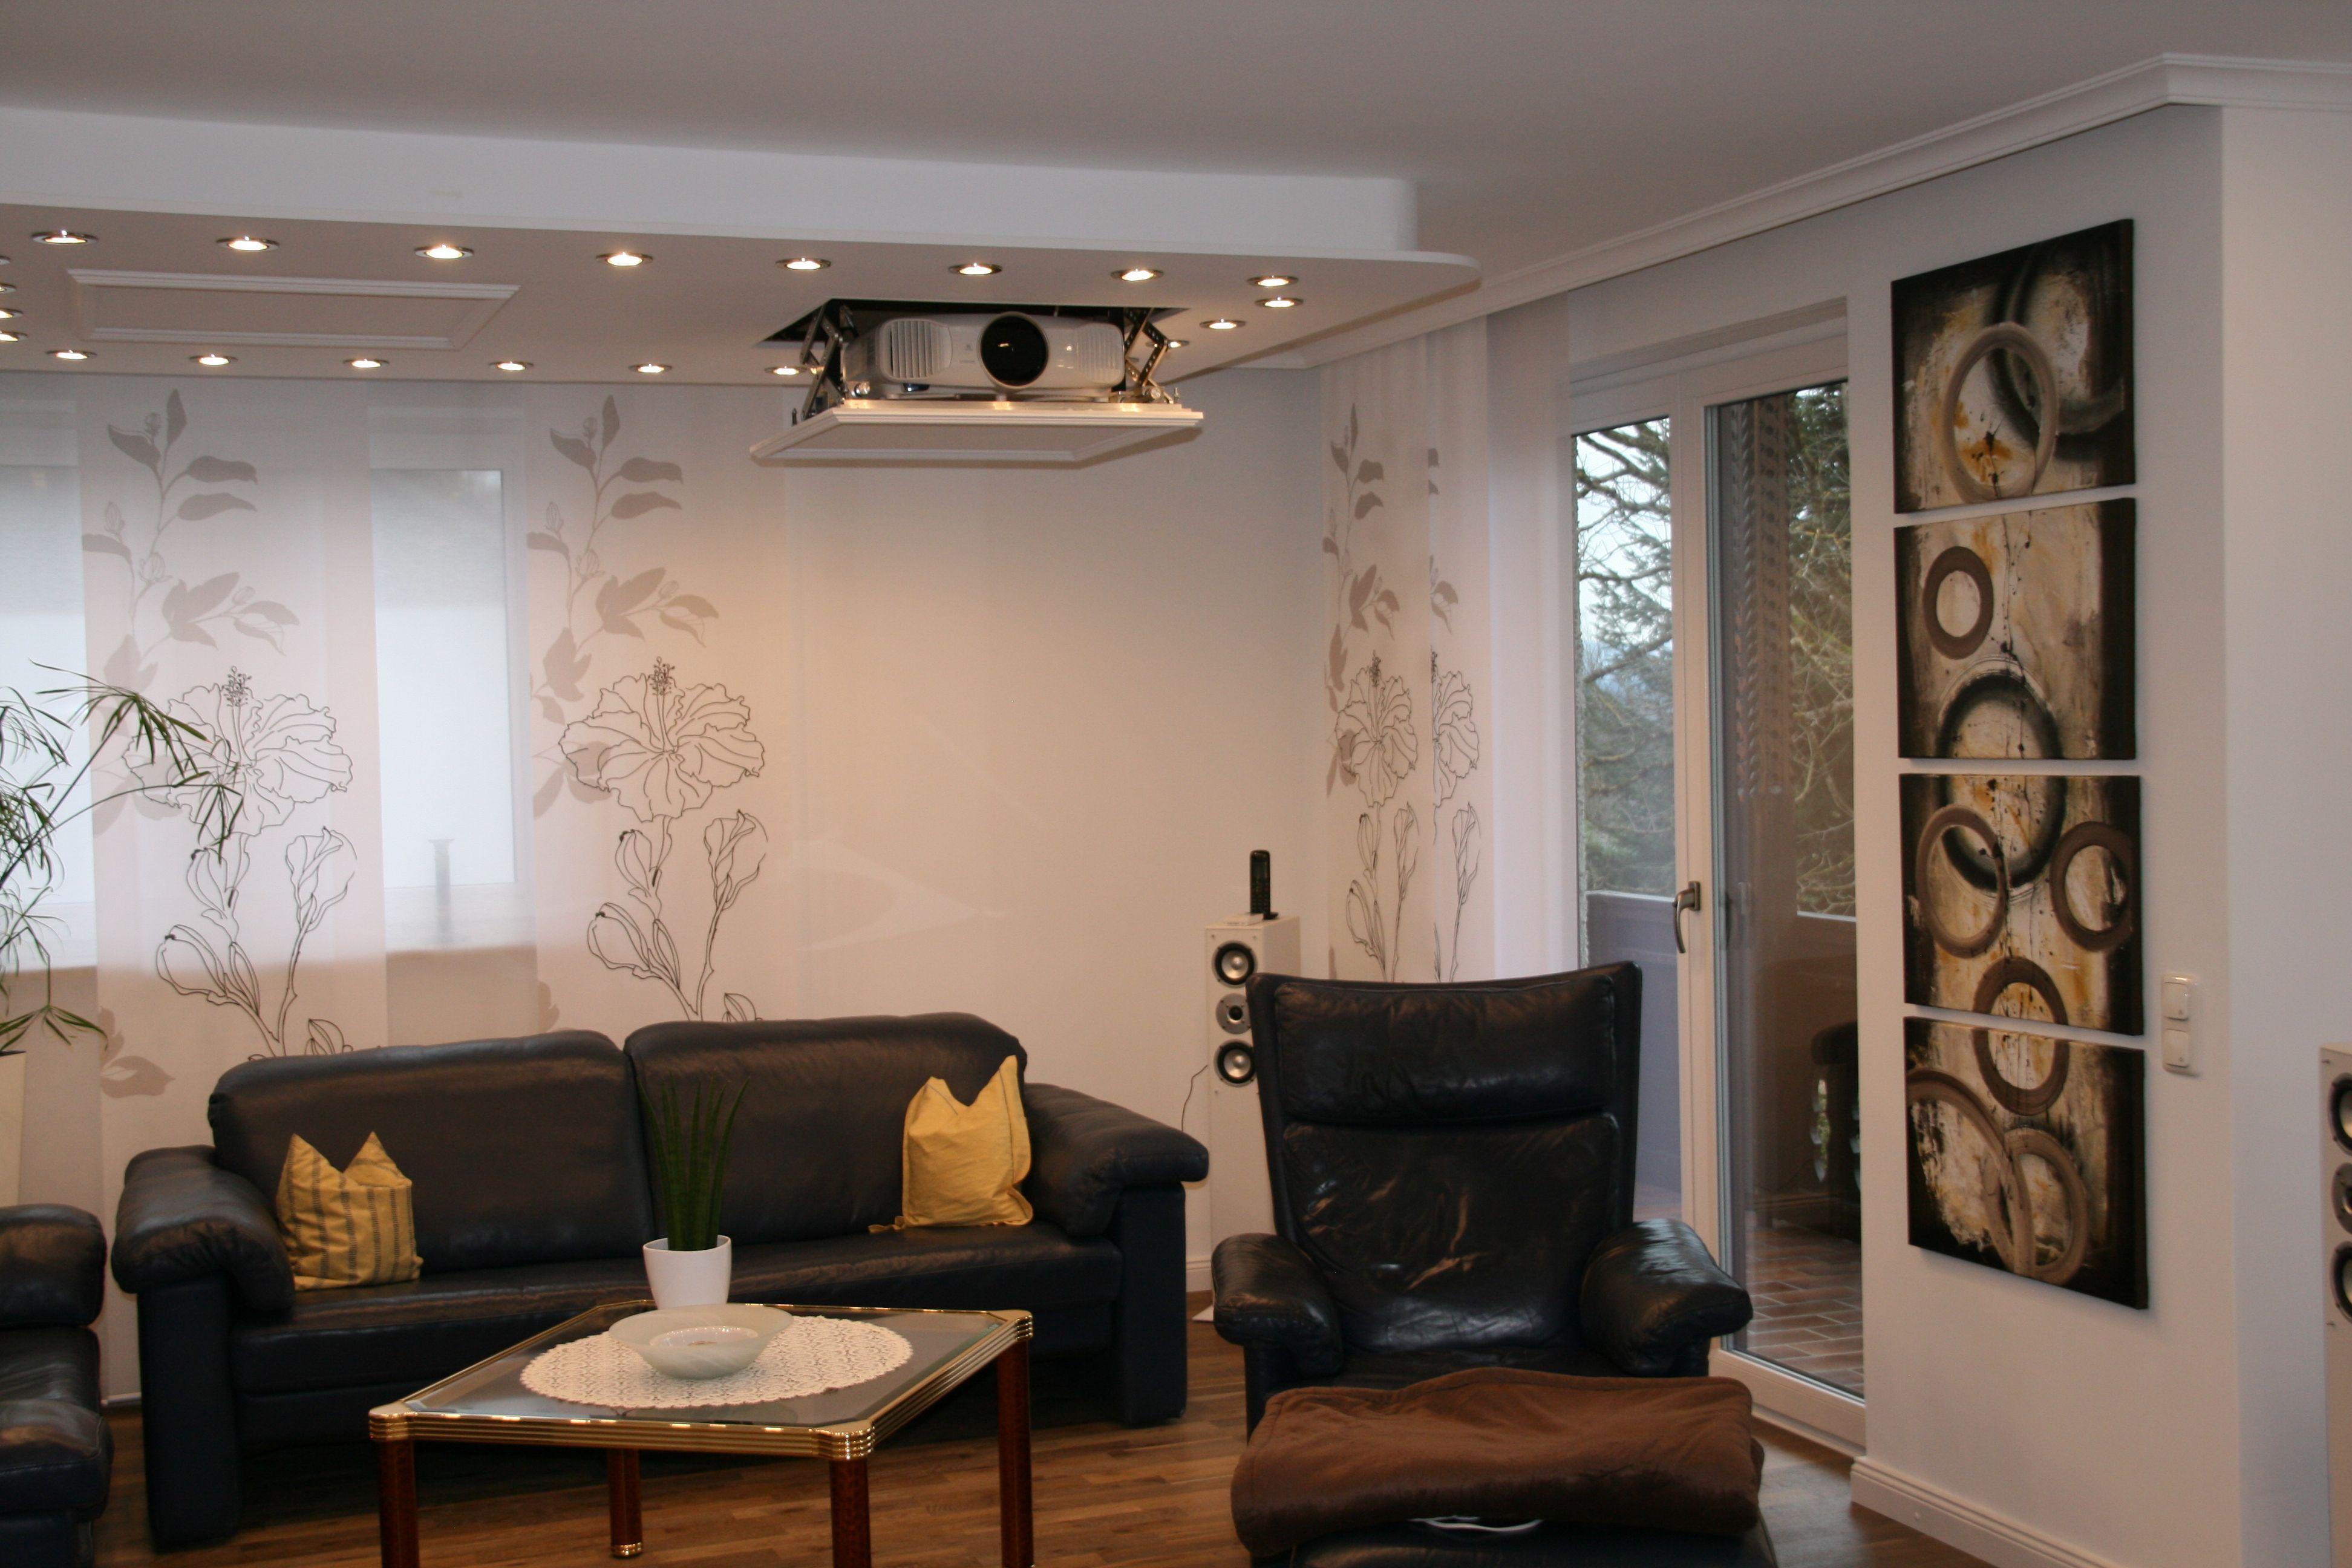 Deckeneinbau leinwand motorleinwand deckenmontage kinoqualit t beamer videoprojektor - Beamer wohnzimmer ...